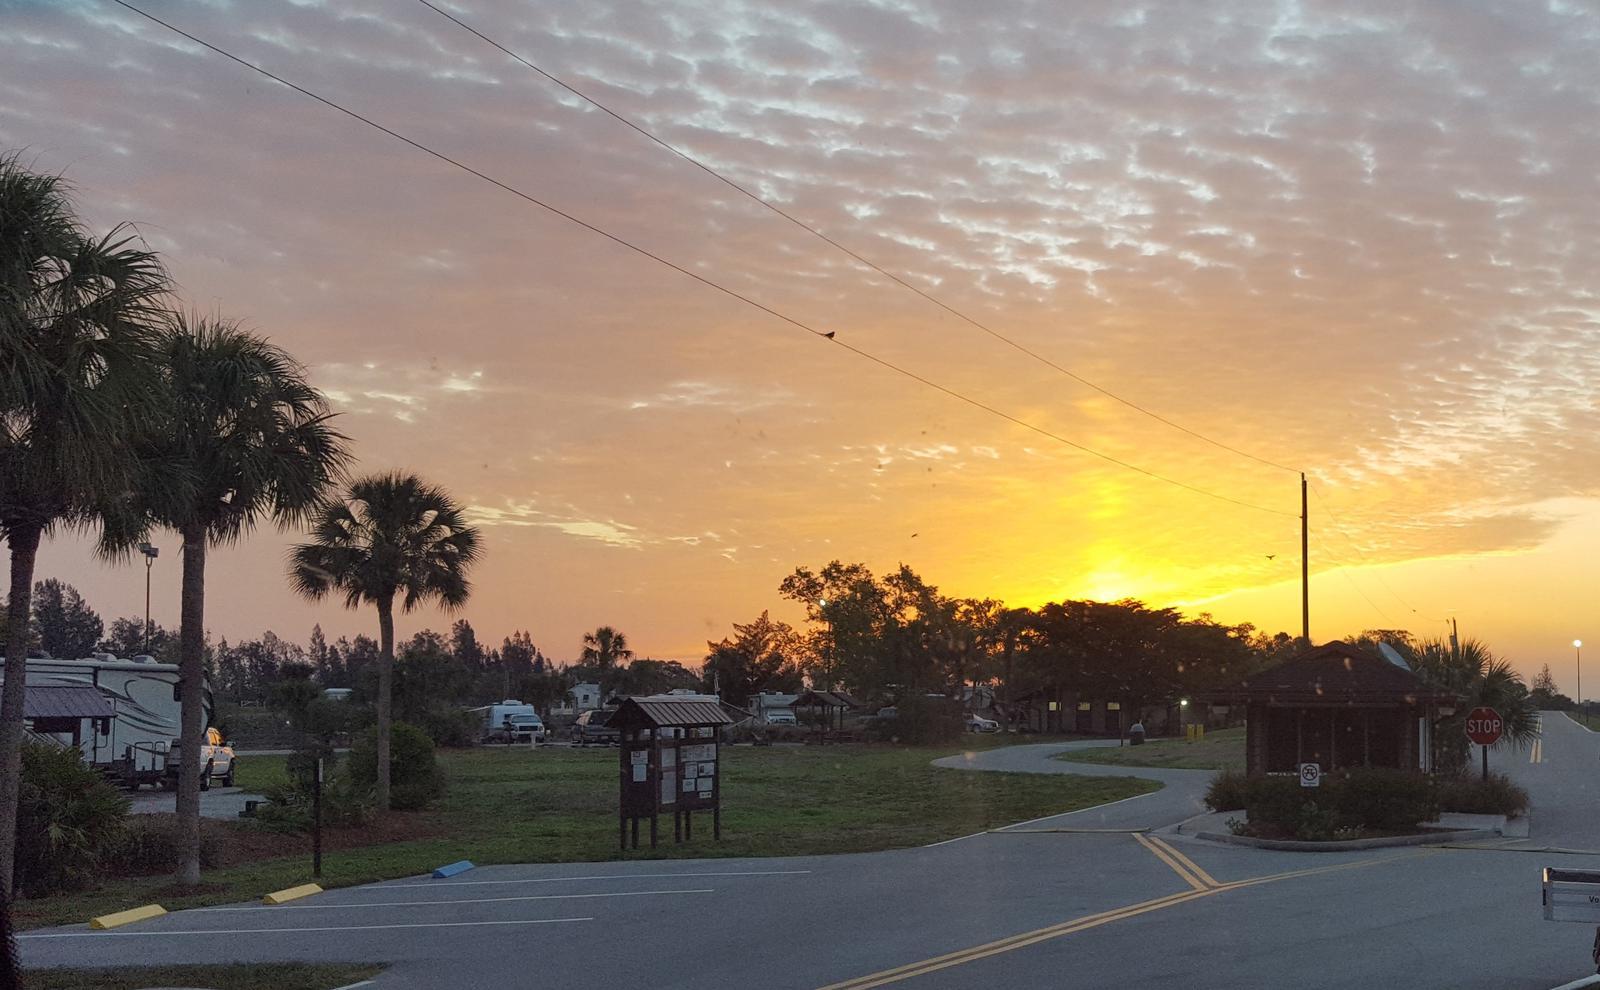 Sunrise at Ortona South